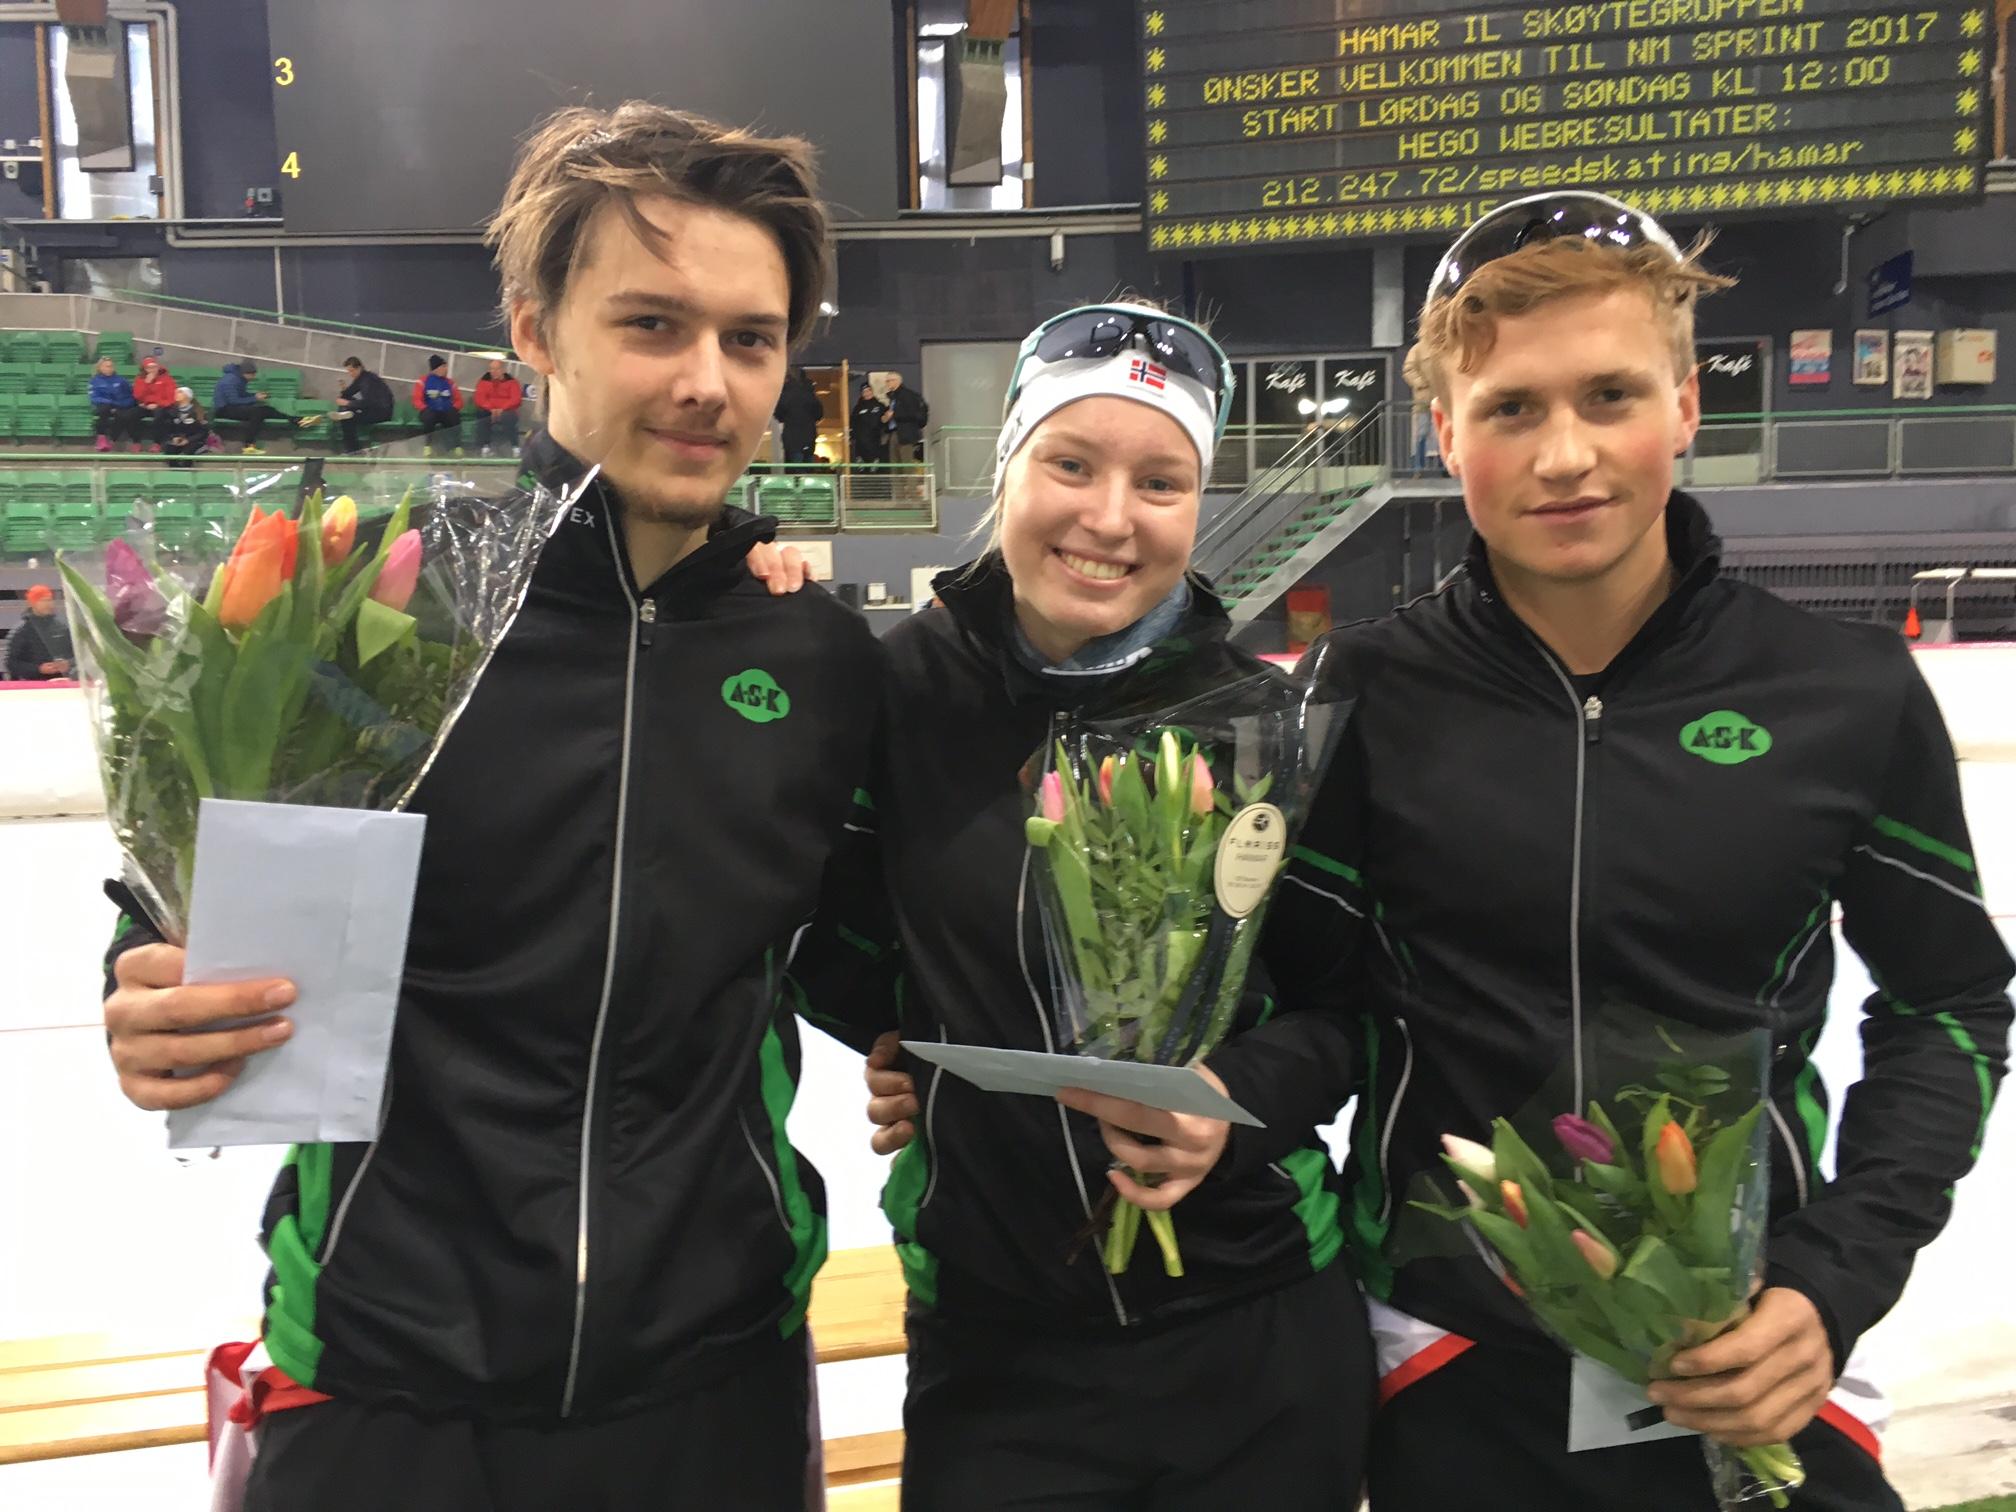 Mye blomster på ASK`s juniorer under 1.dag. Allan, Ragne og Marius er fornøyd med innsatsen!